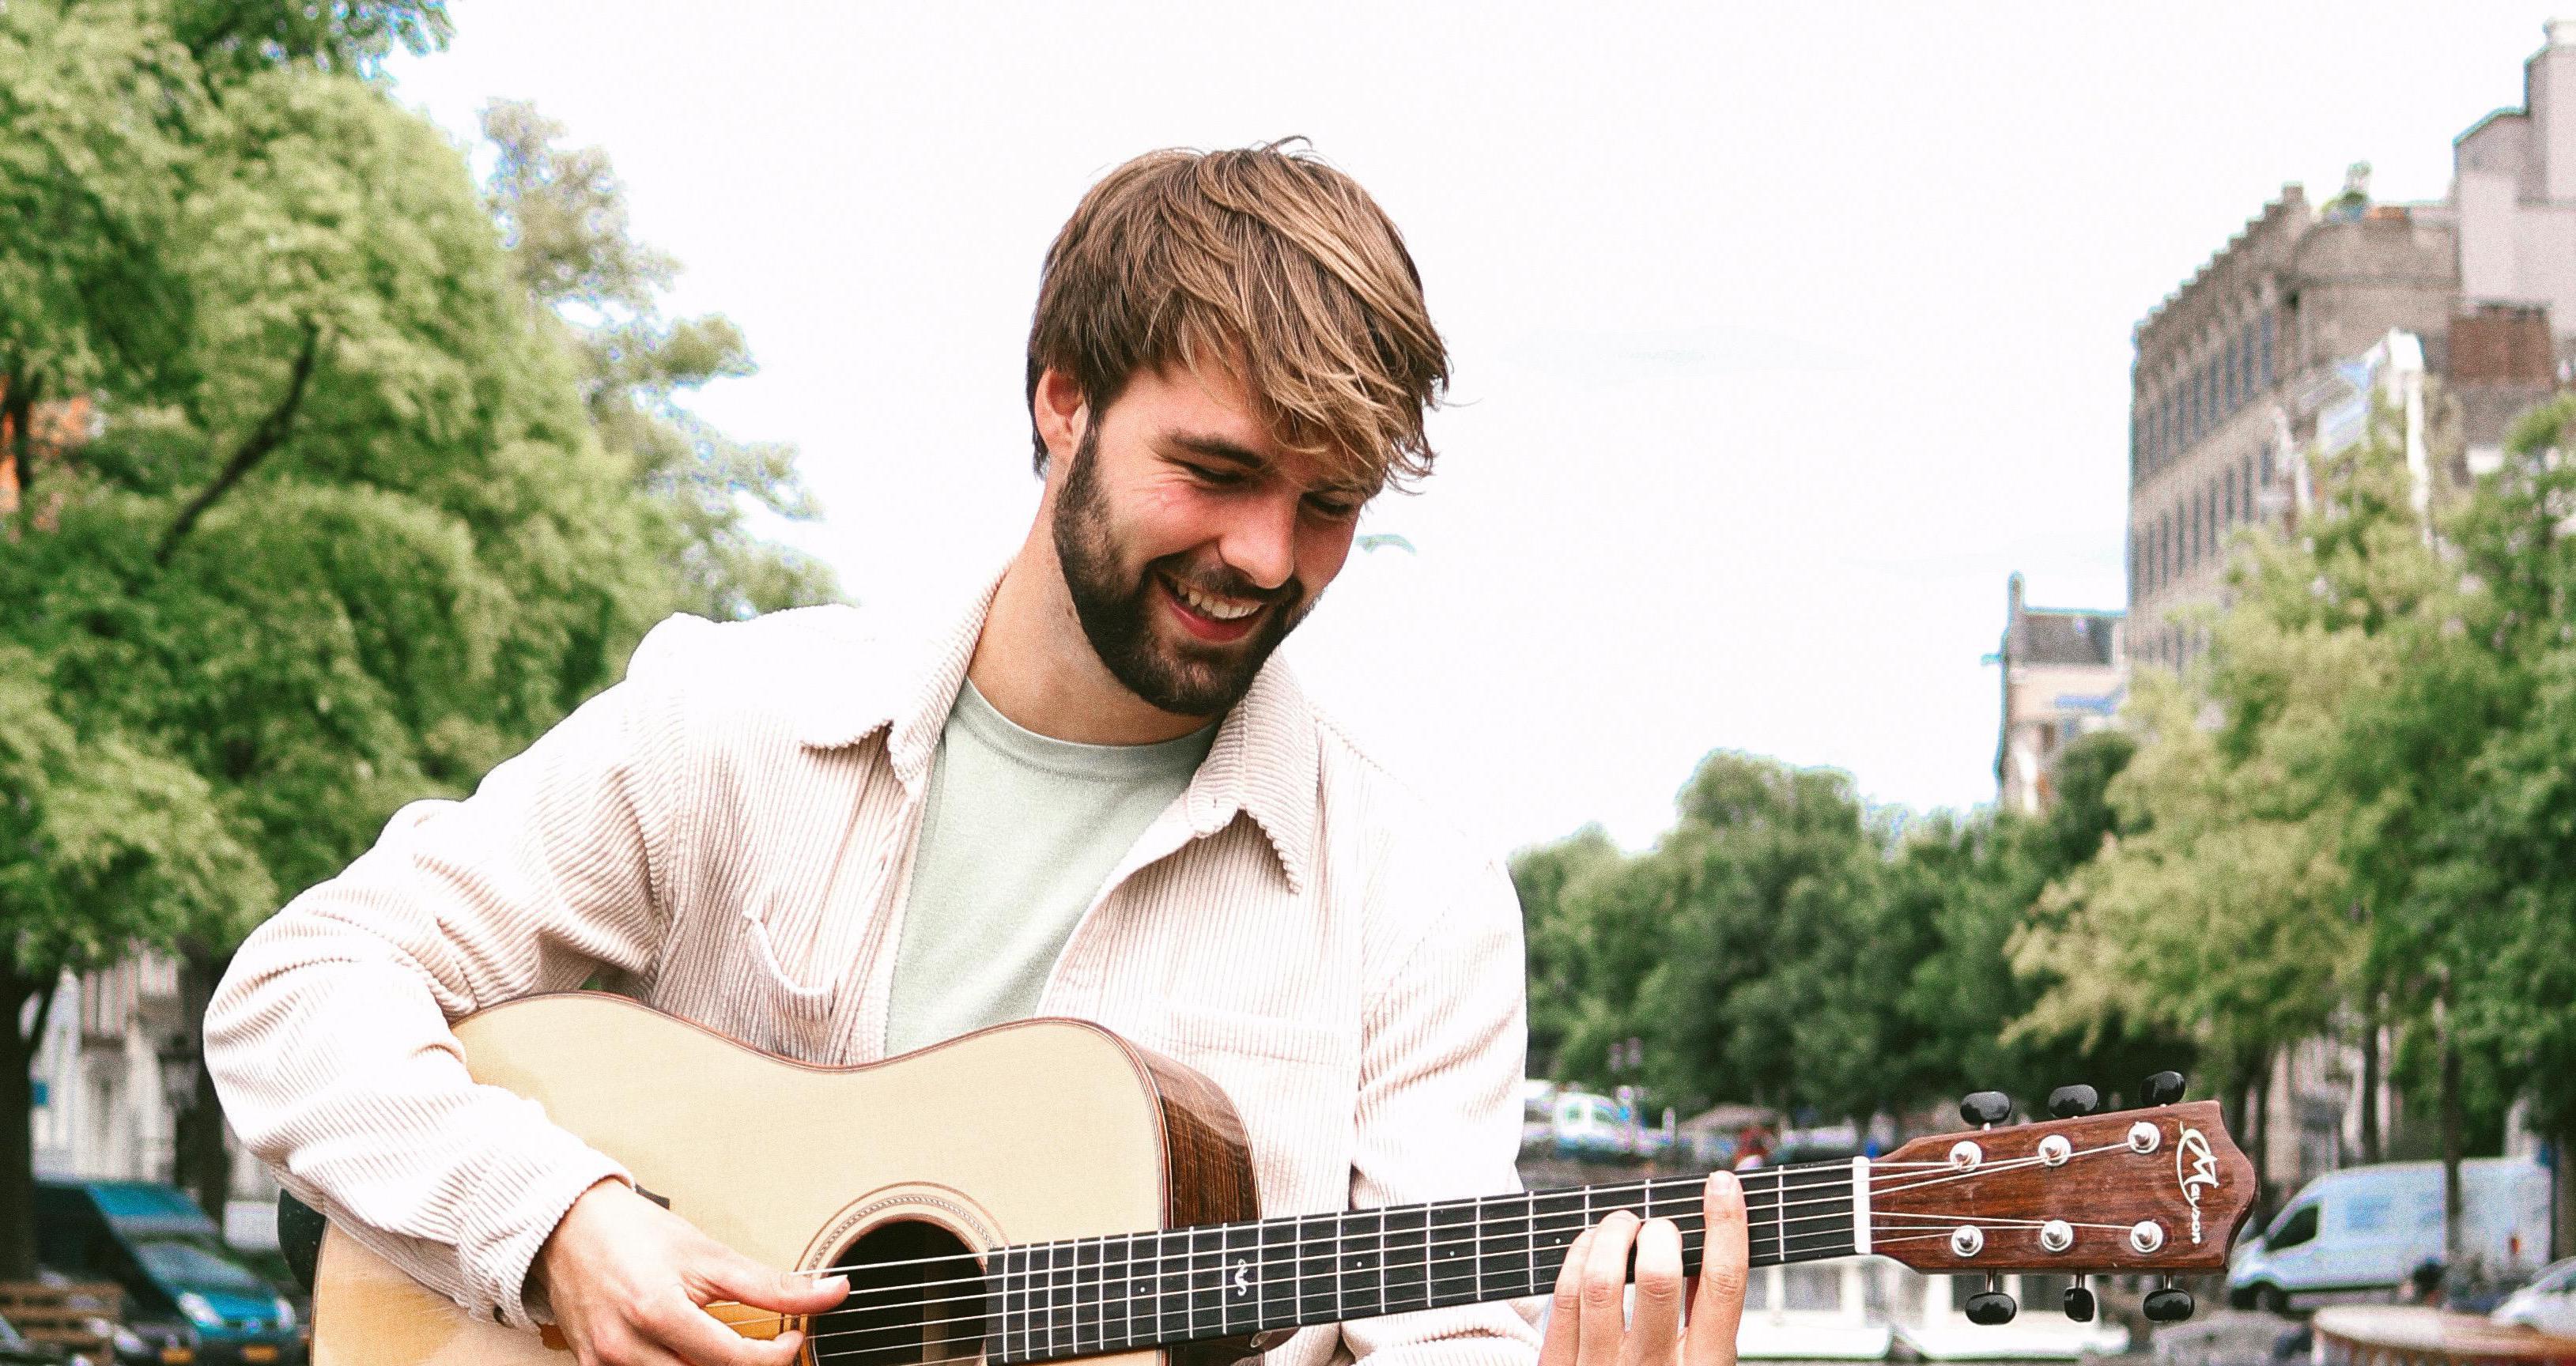 Singer-songwriter Sven Ross uit Hoogkarspel start crowdfunding voor 'tweede' debuut-ep: 'Op deze liedjes ben ik over dertig jaar ook nog trots' [video]